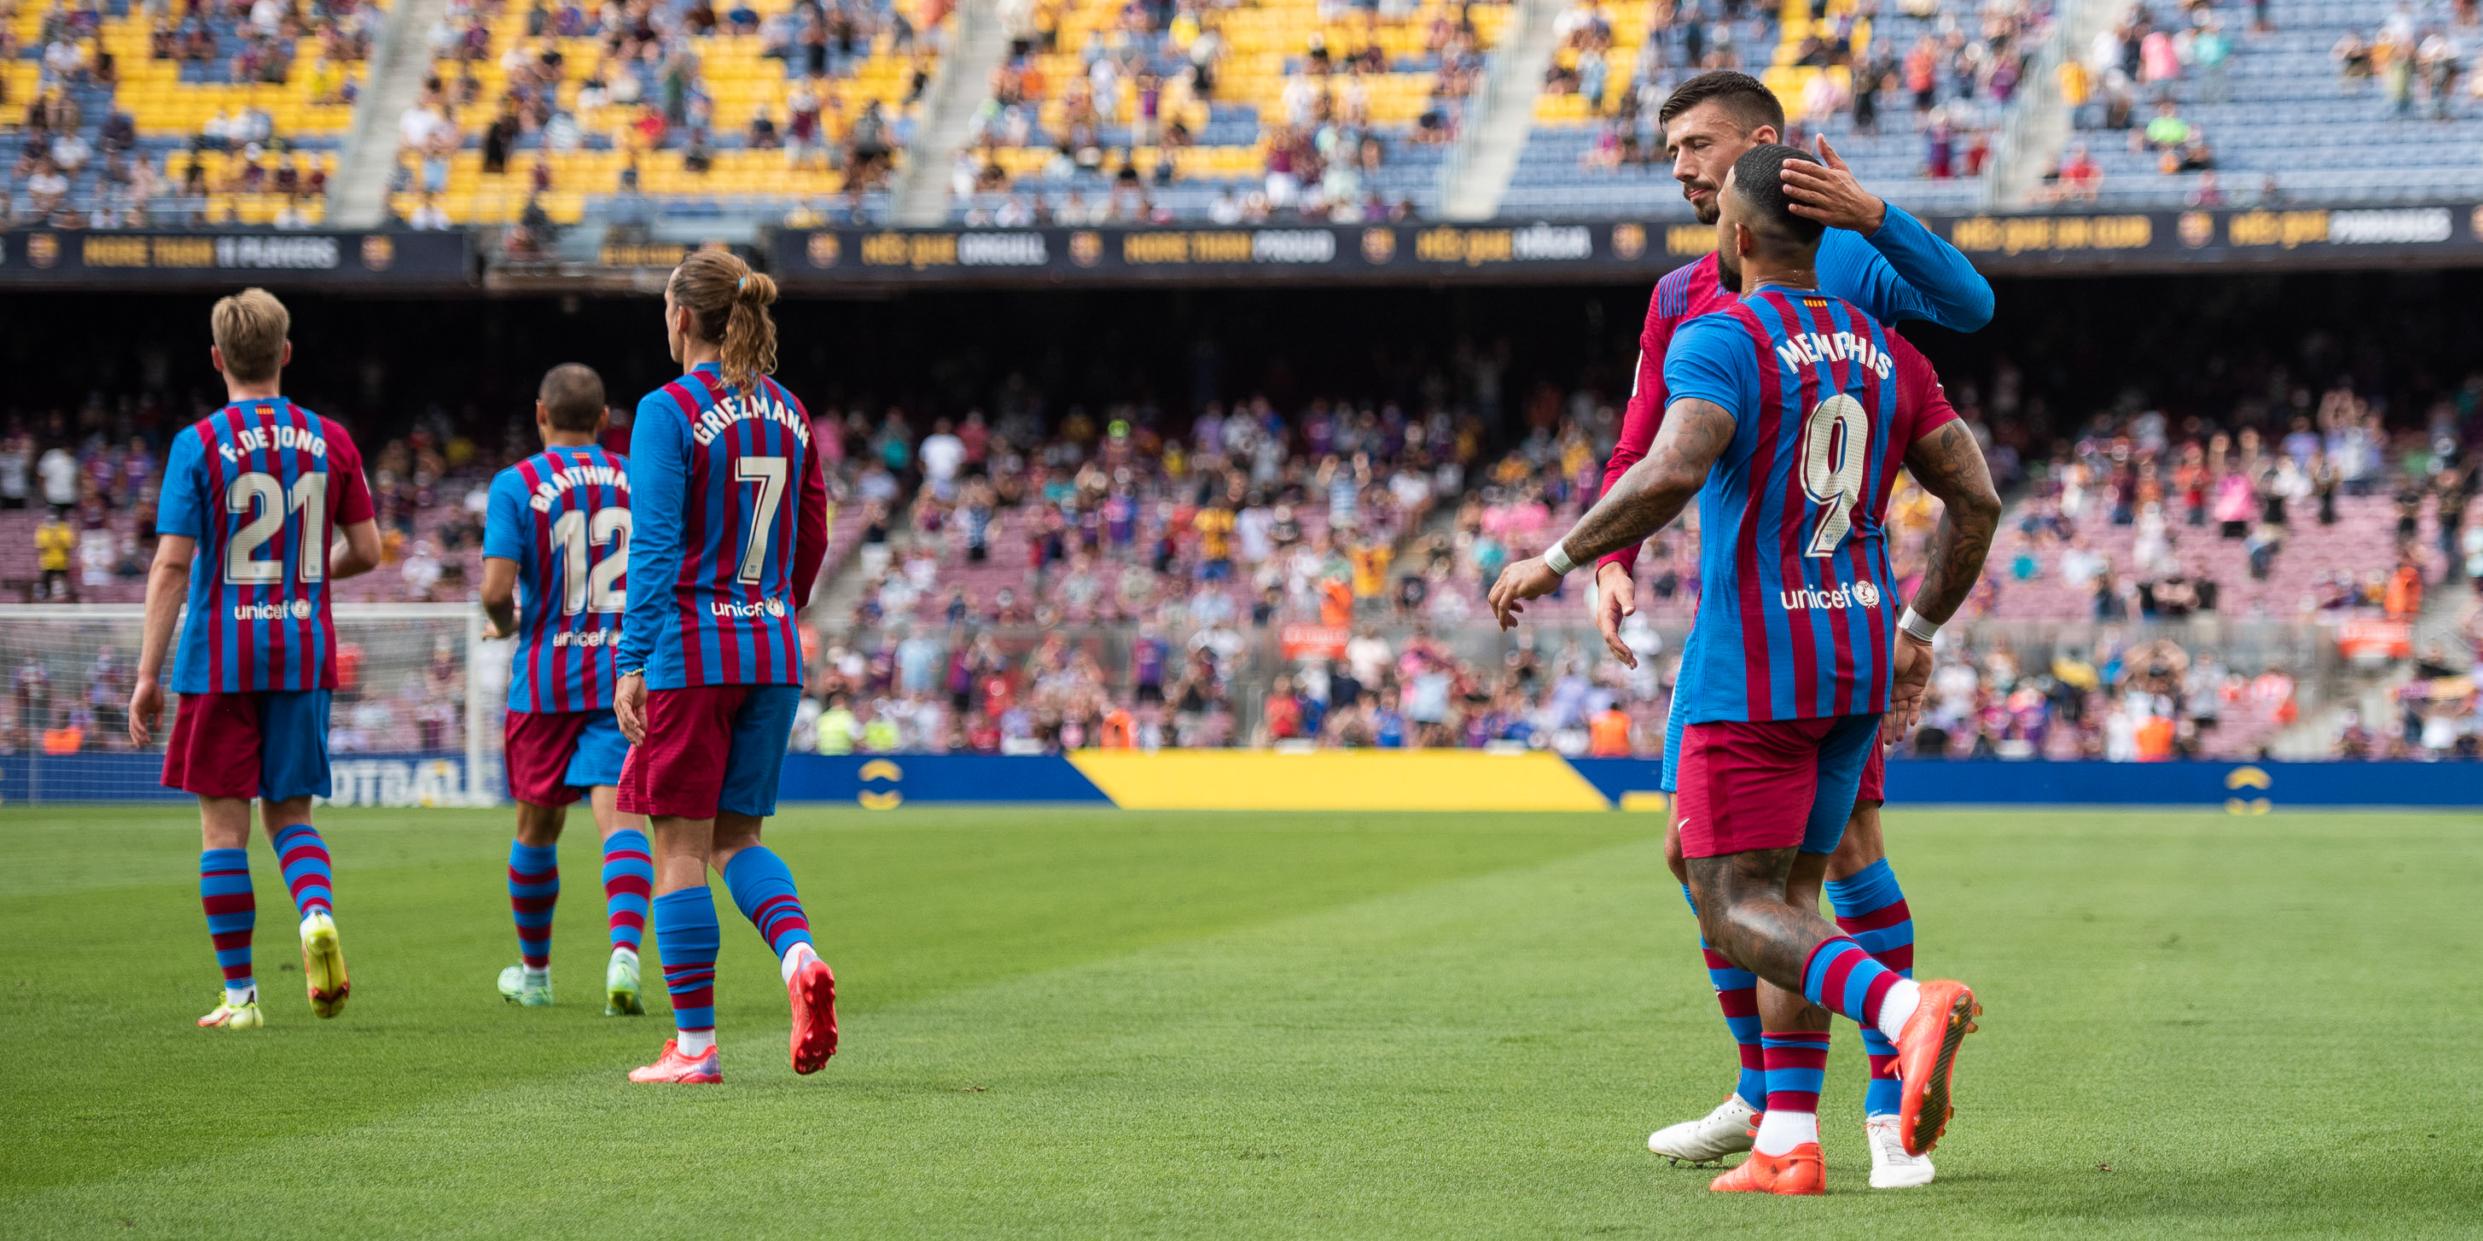 Els jugadors del Barça celebren un gol contra el Getafe | Europa Press